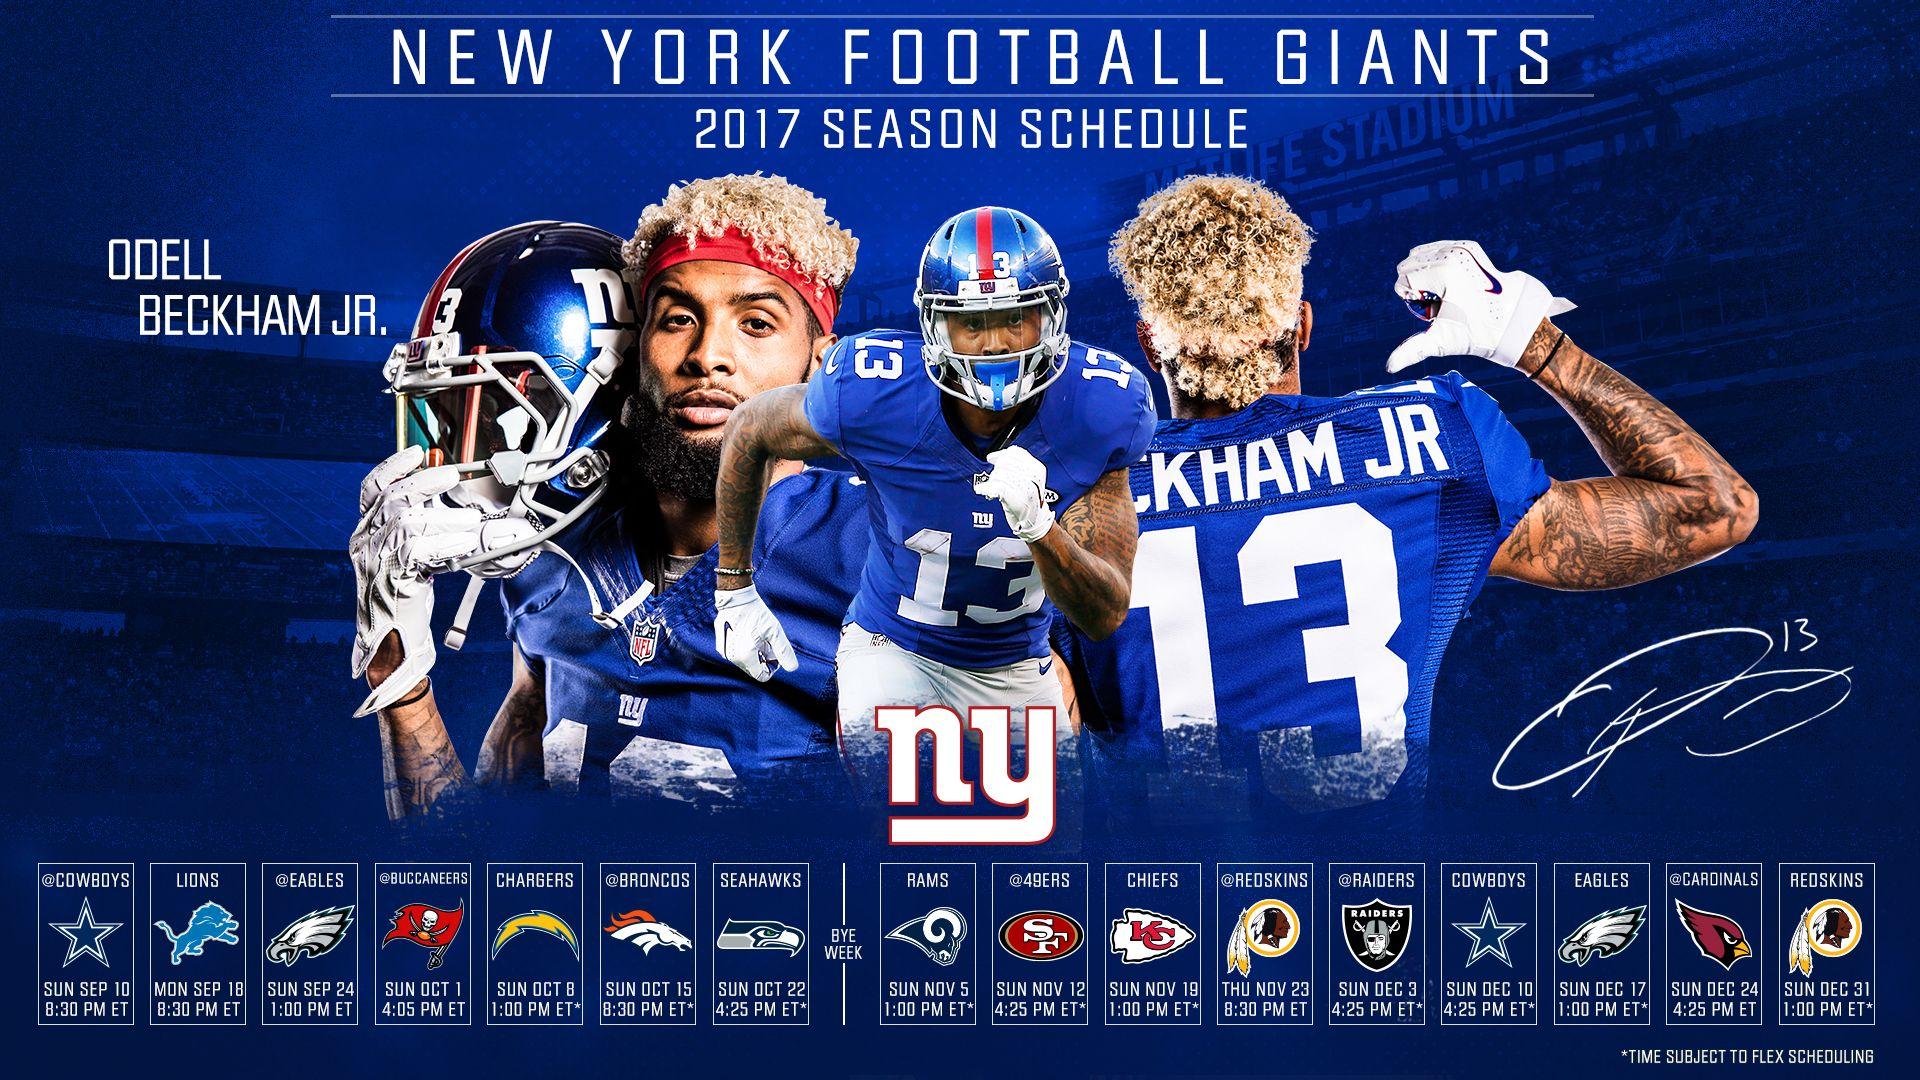 2017 Nfl Season Schedules Giants Wallpaper 2020 Live Wallpaper Hd Beckham Jr Odell Beckham Jr Nfl Football Wallpaper